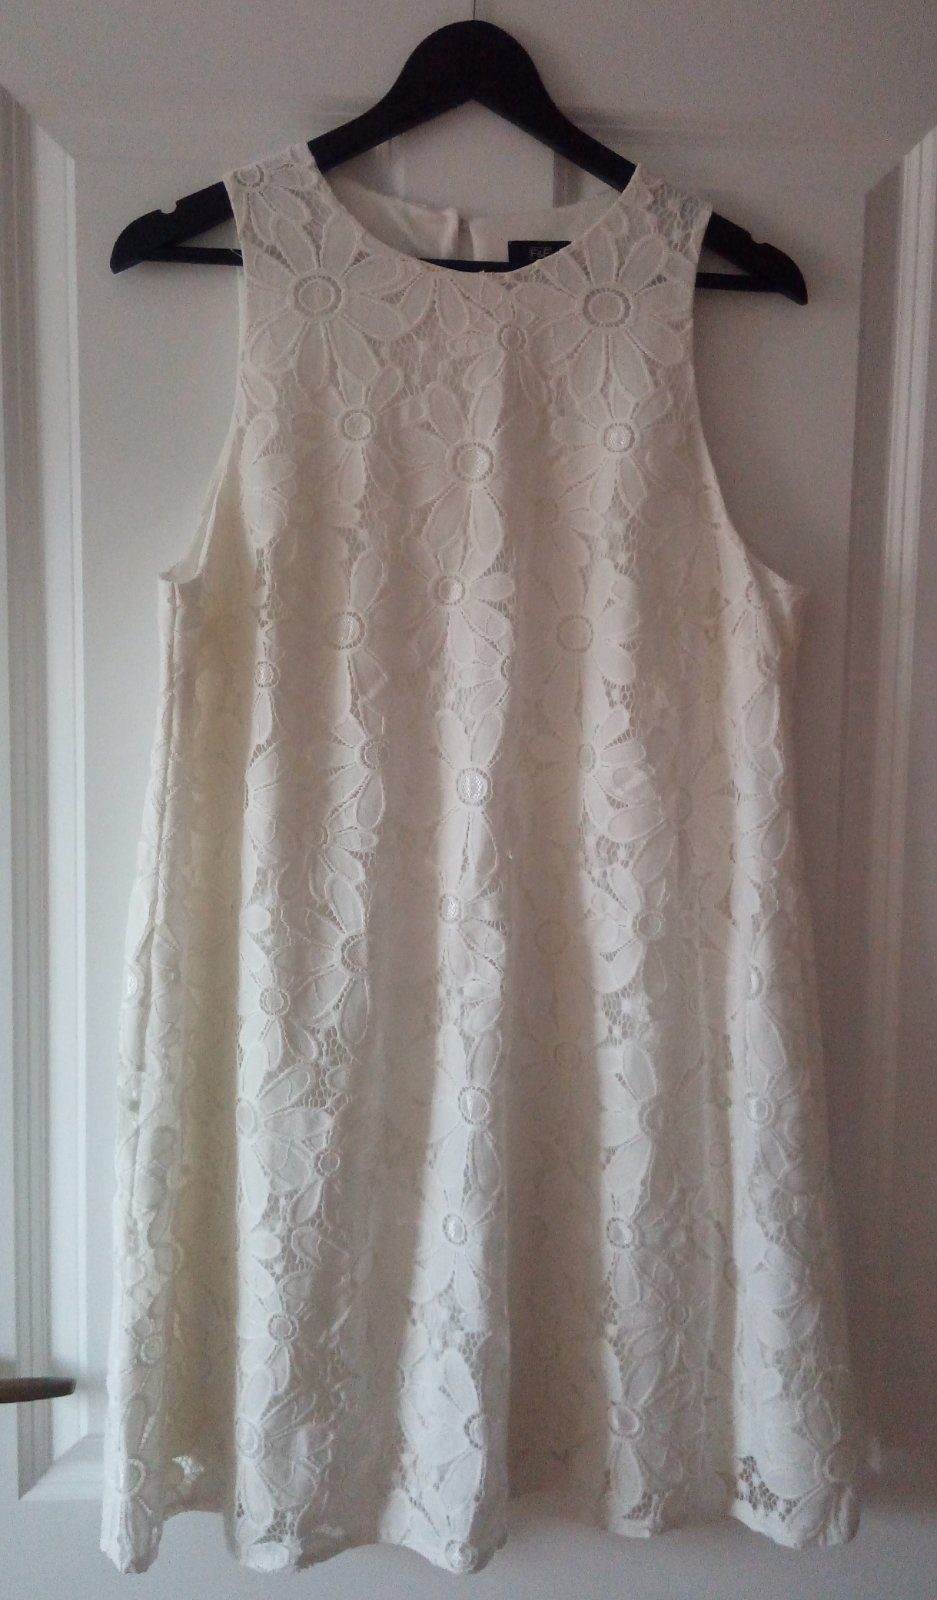 Biele čipkované šaty - Obrázok č. 1